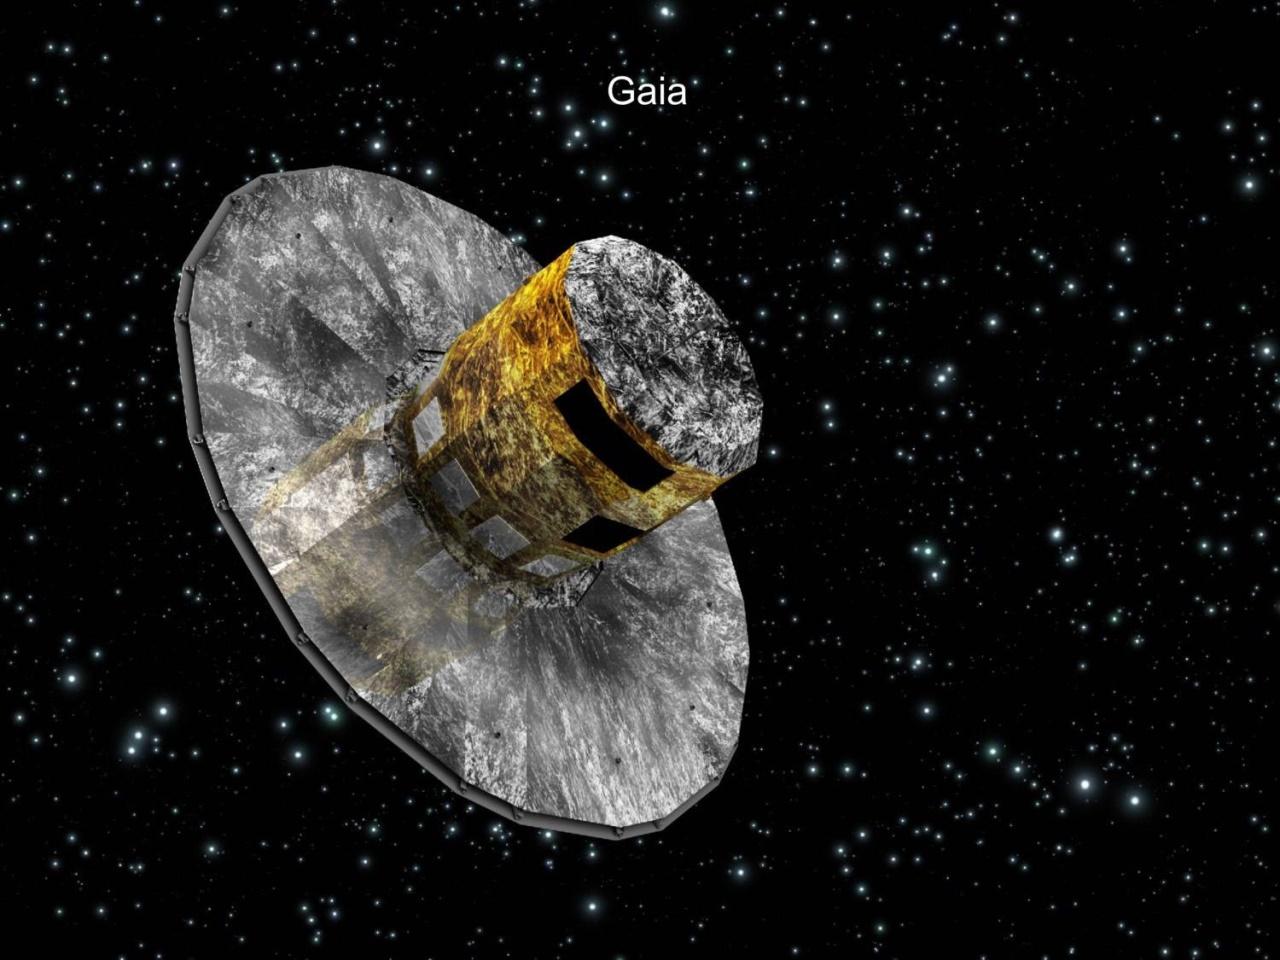 Satellit Gaia revolutioniert die Sternenkarte